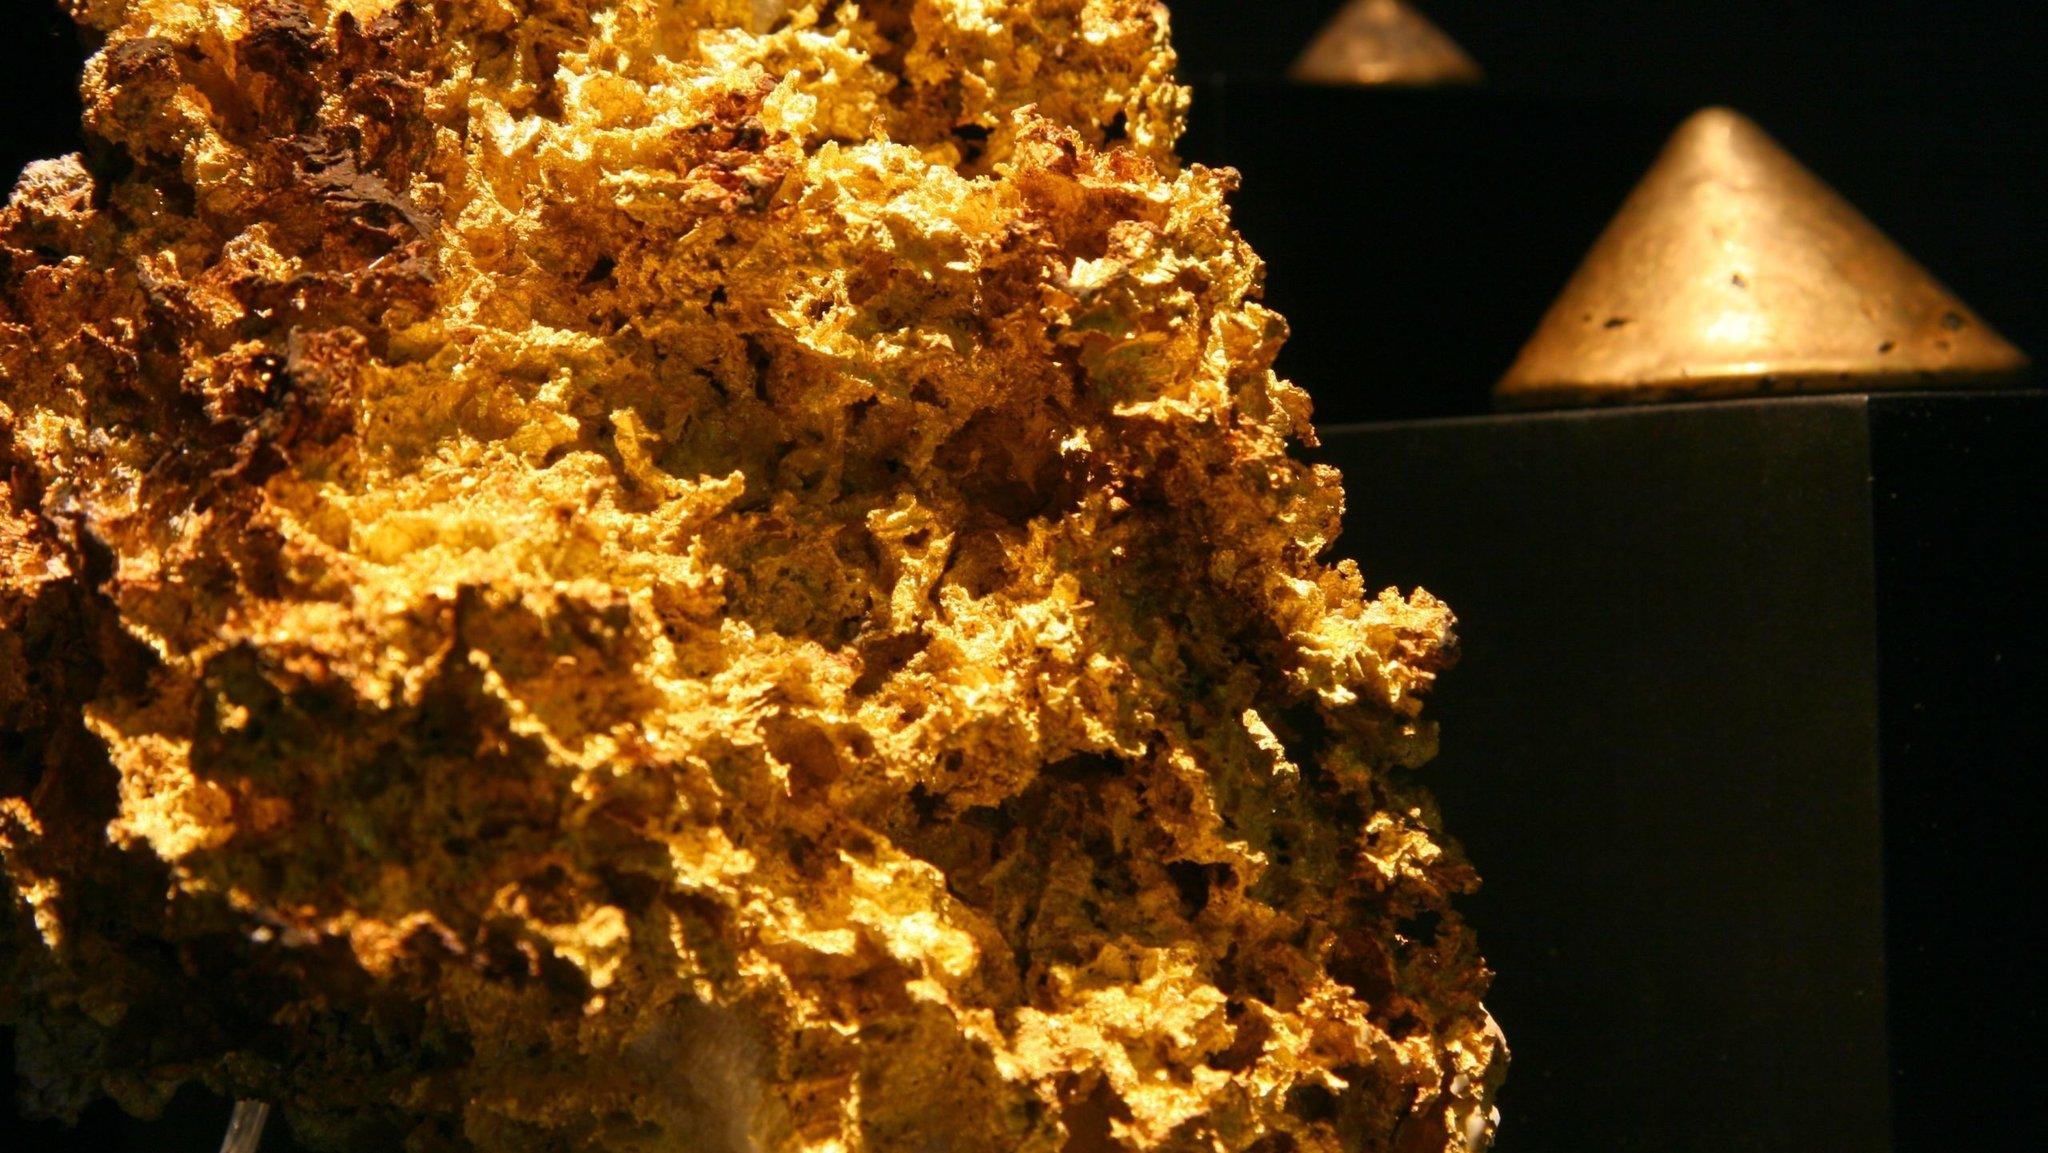 Контрабандисты вывозили золотую руду из Акмолинской области в Китай